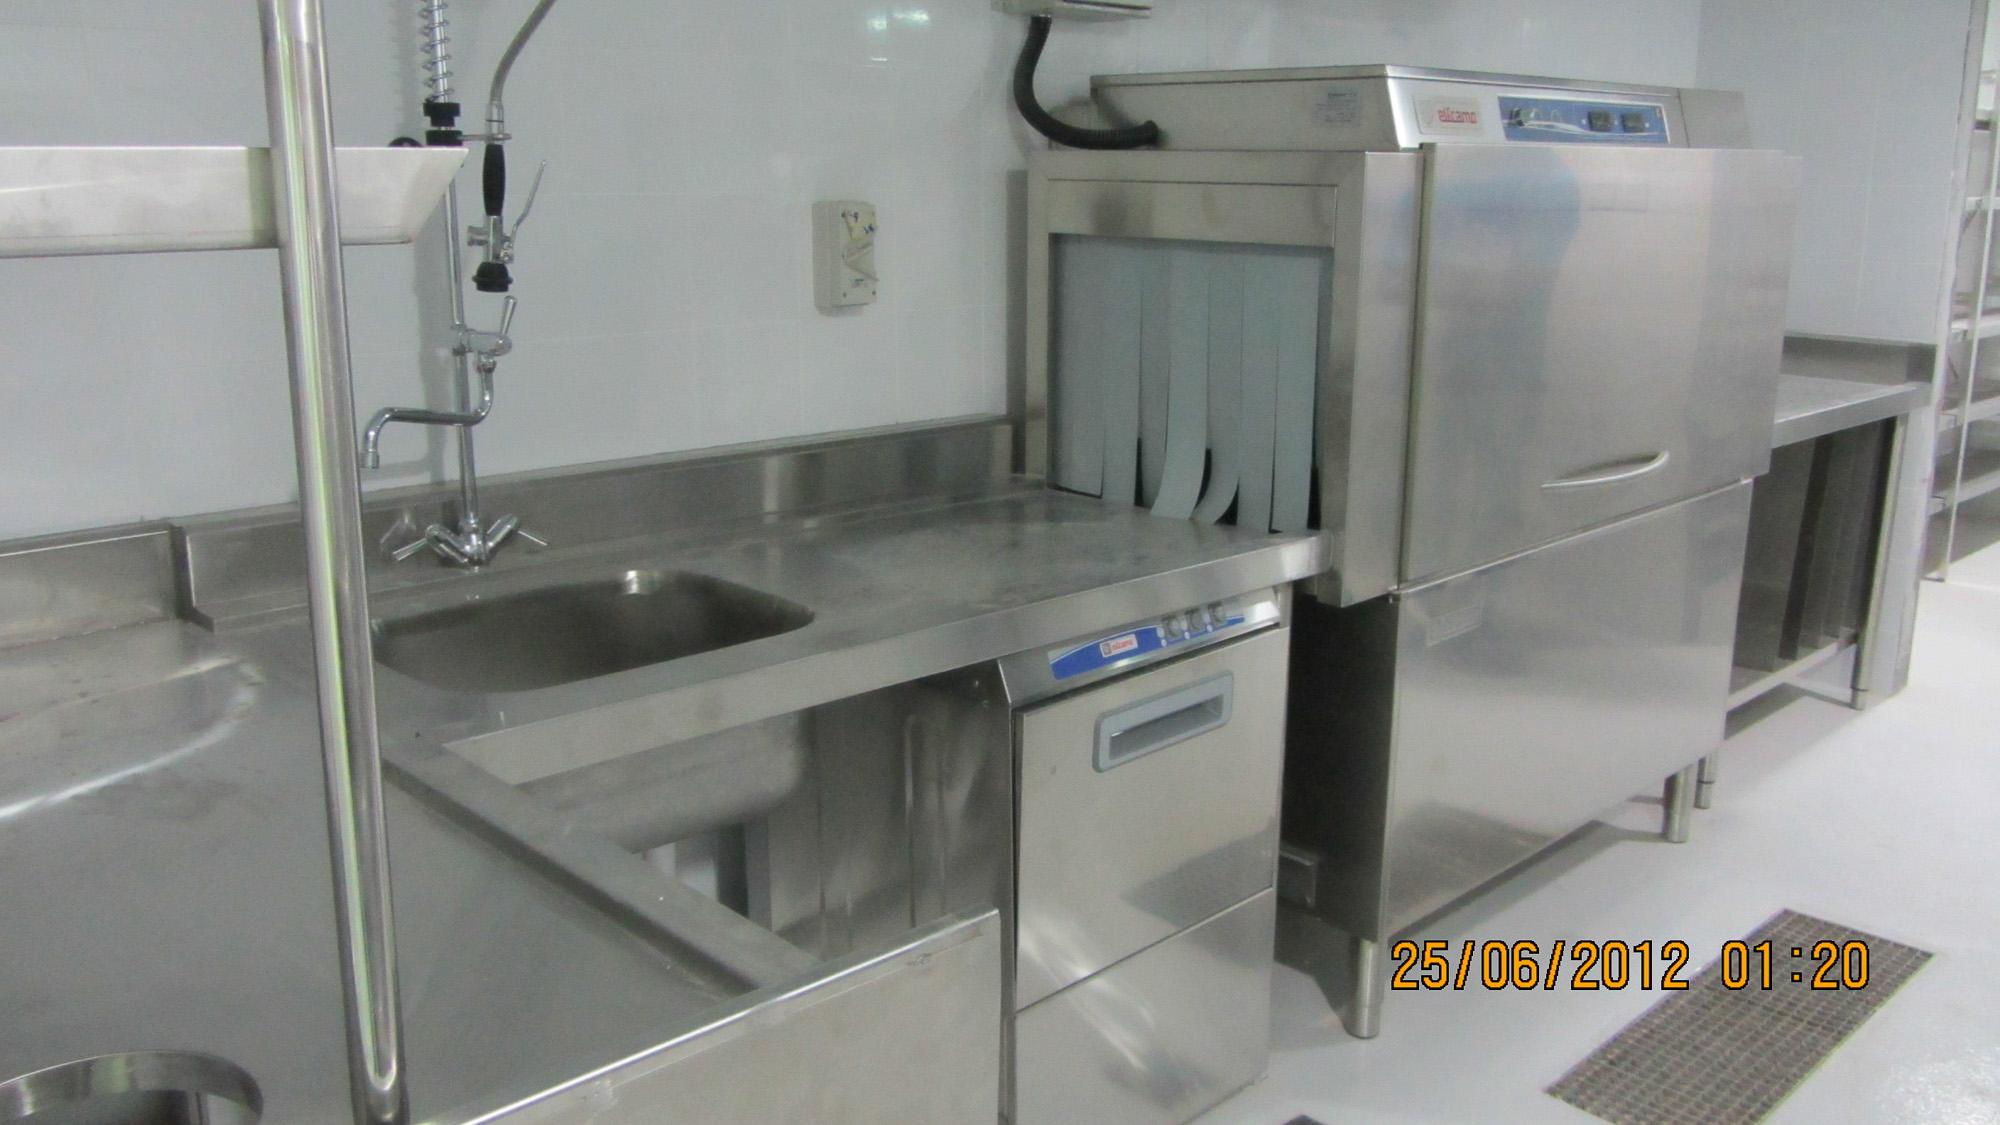 Italia_kitchen_-rotana-4